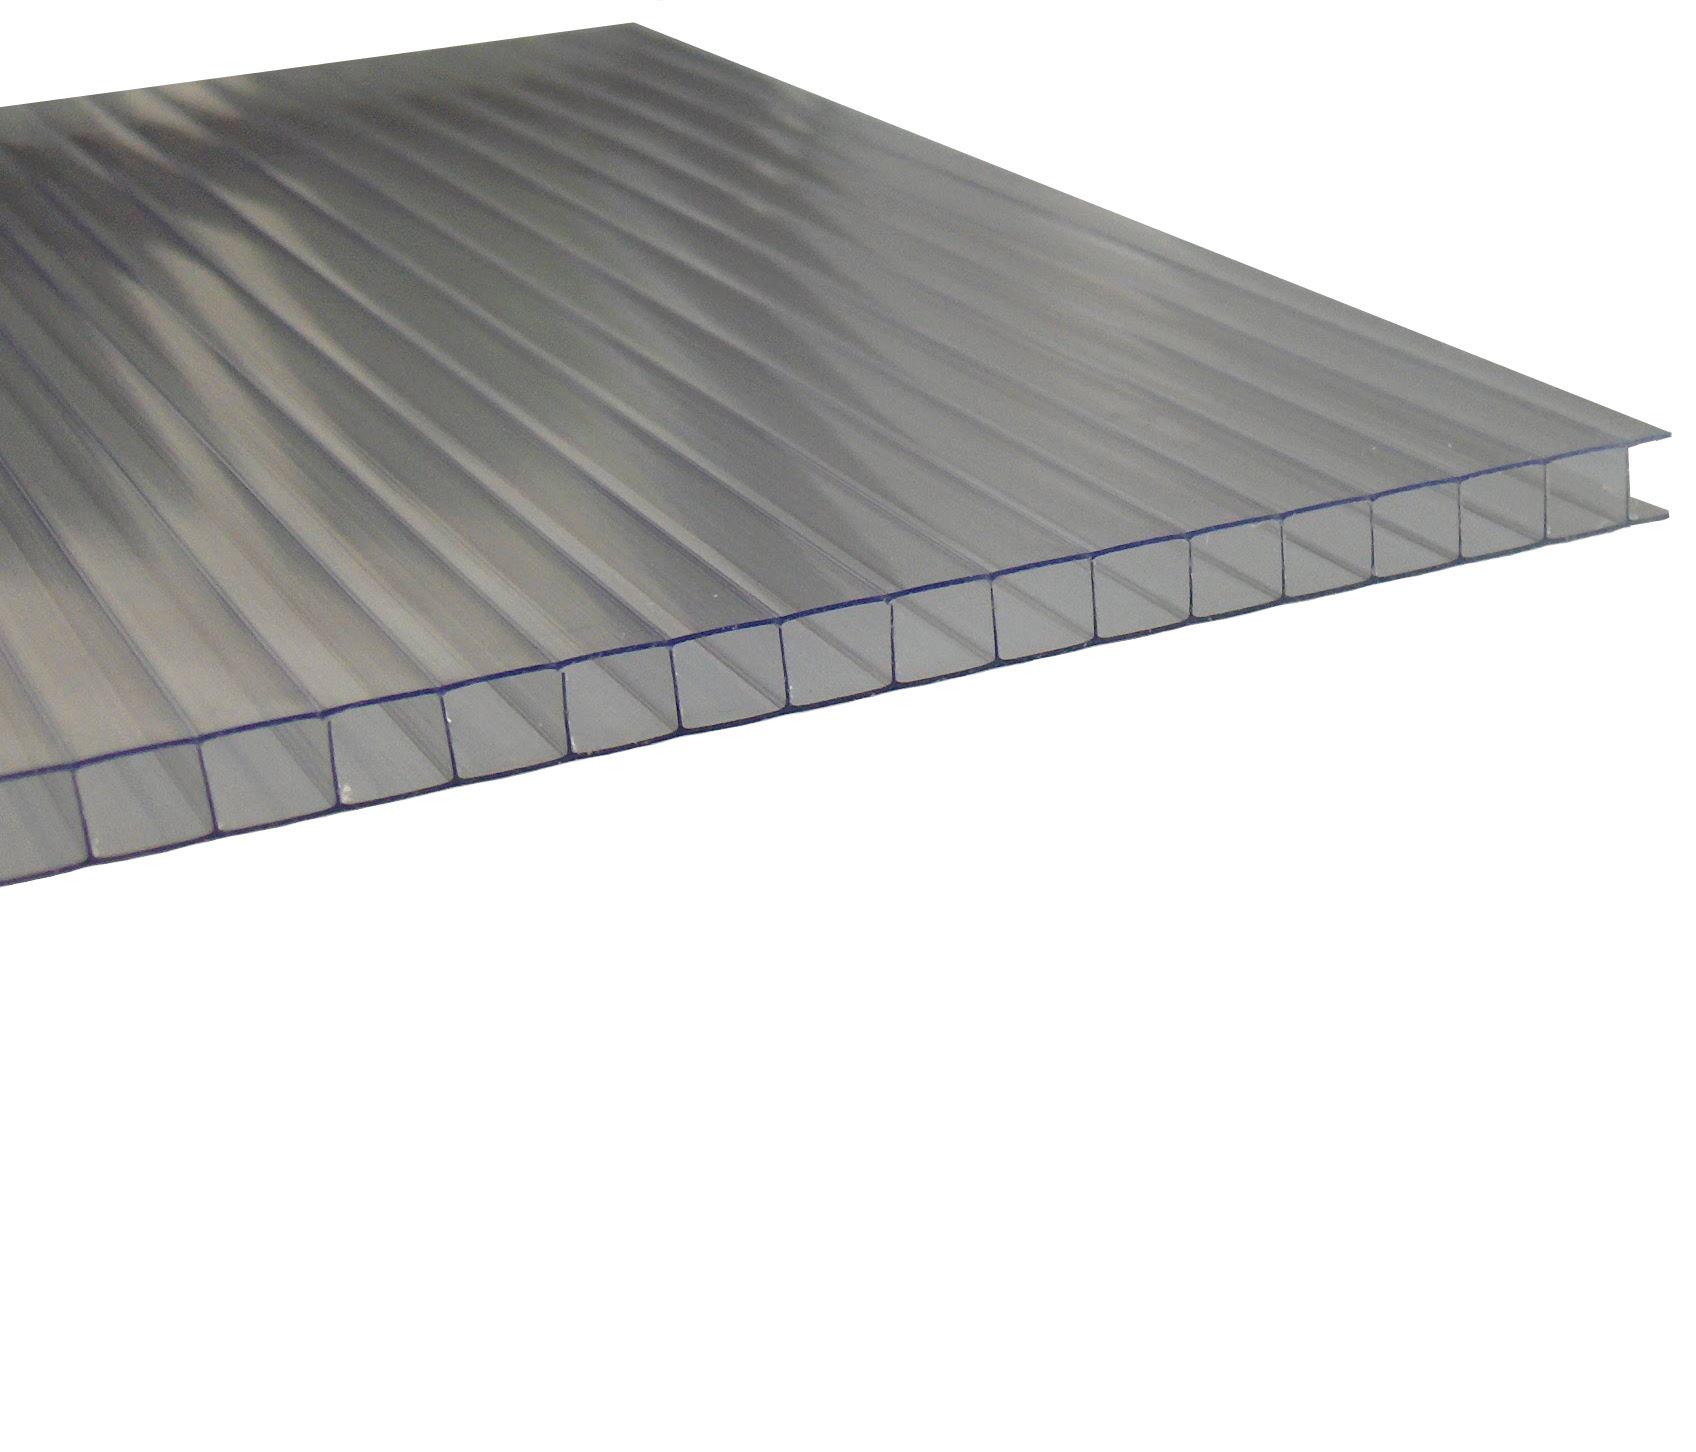 Stegplatten 10mm farblos